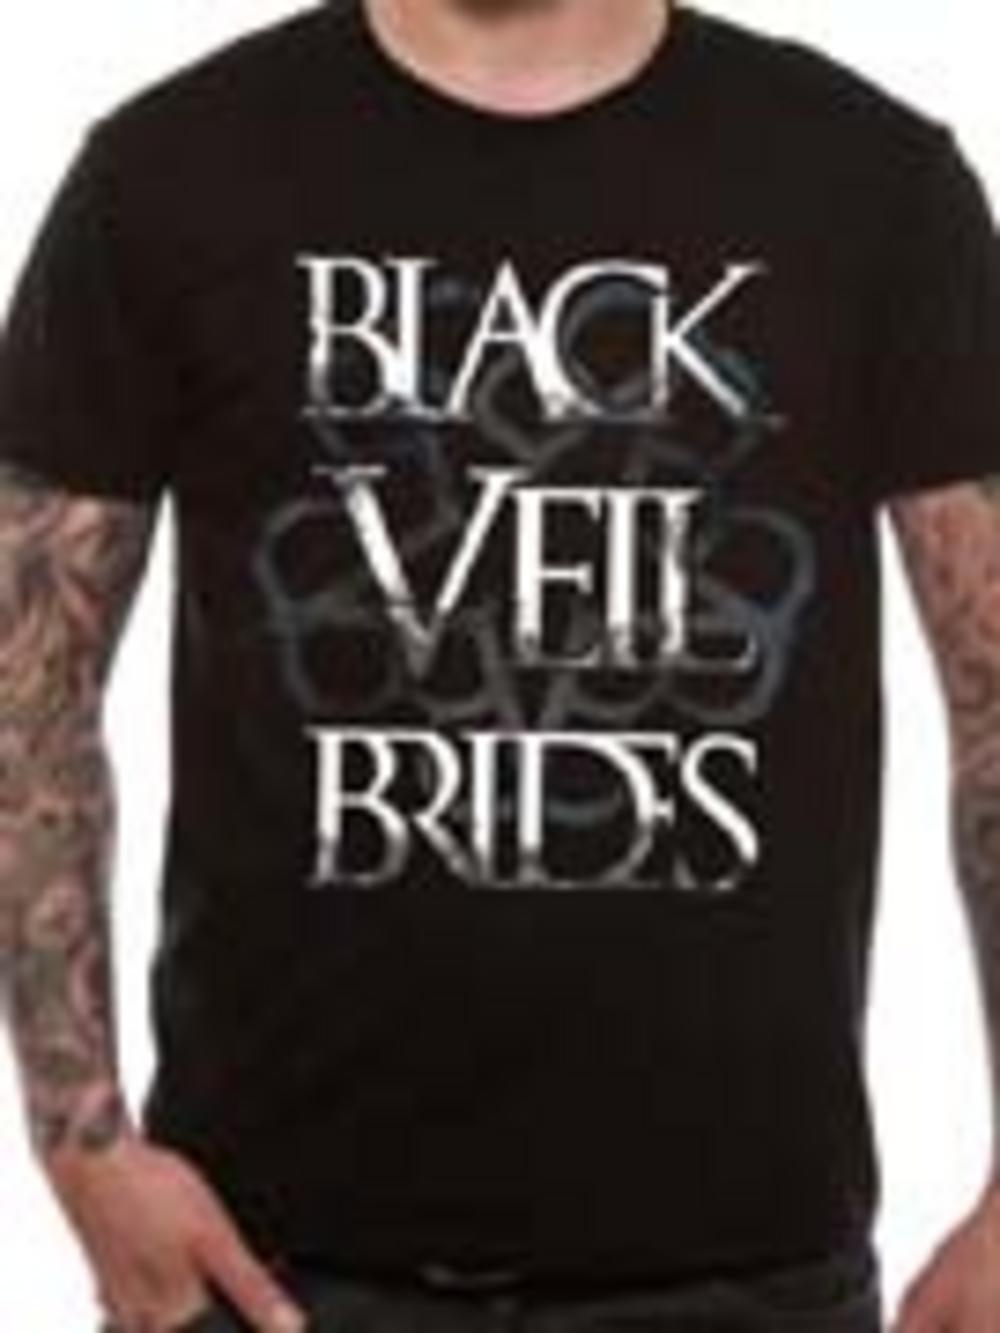 black veil brides star t shirt buy black veil brides. Black Bedroom Furniture Sets. Home Design Ideas